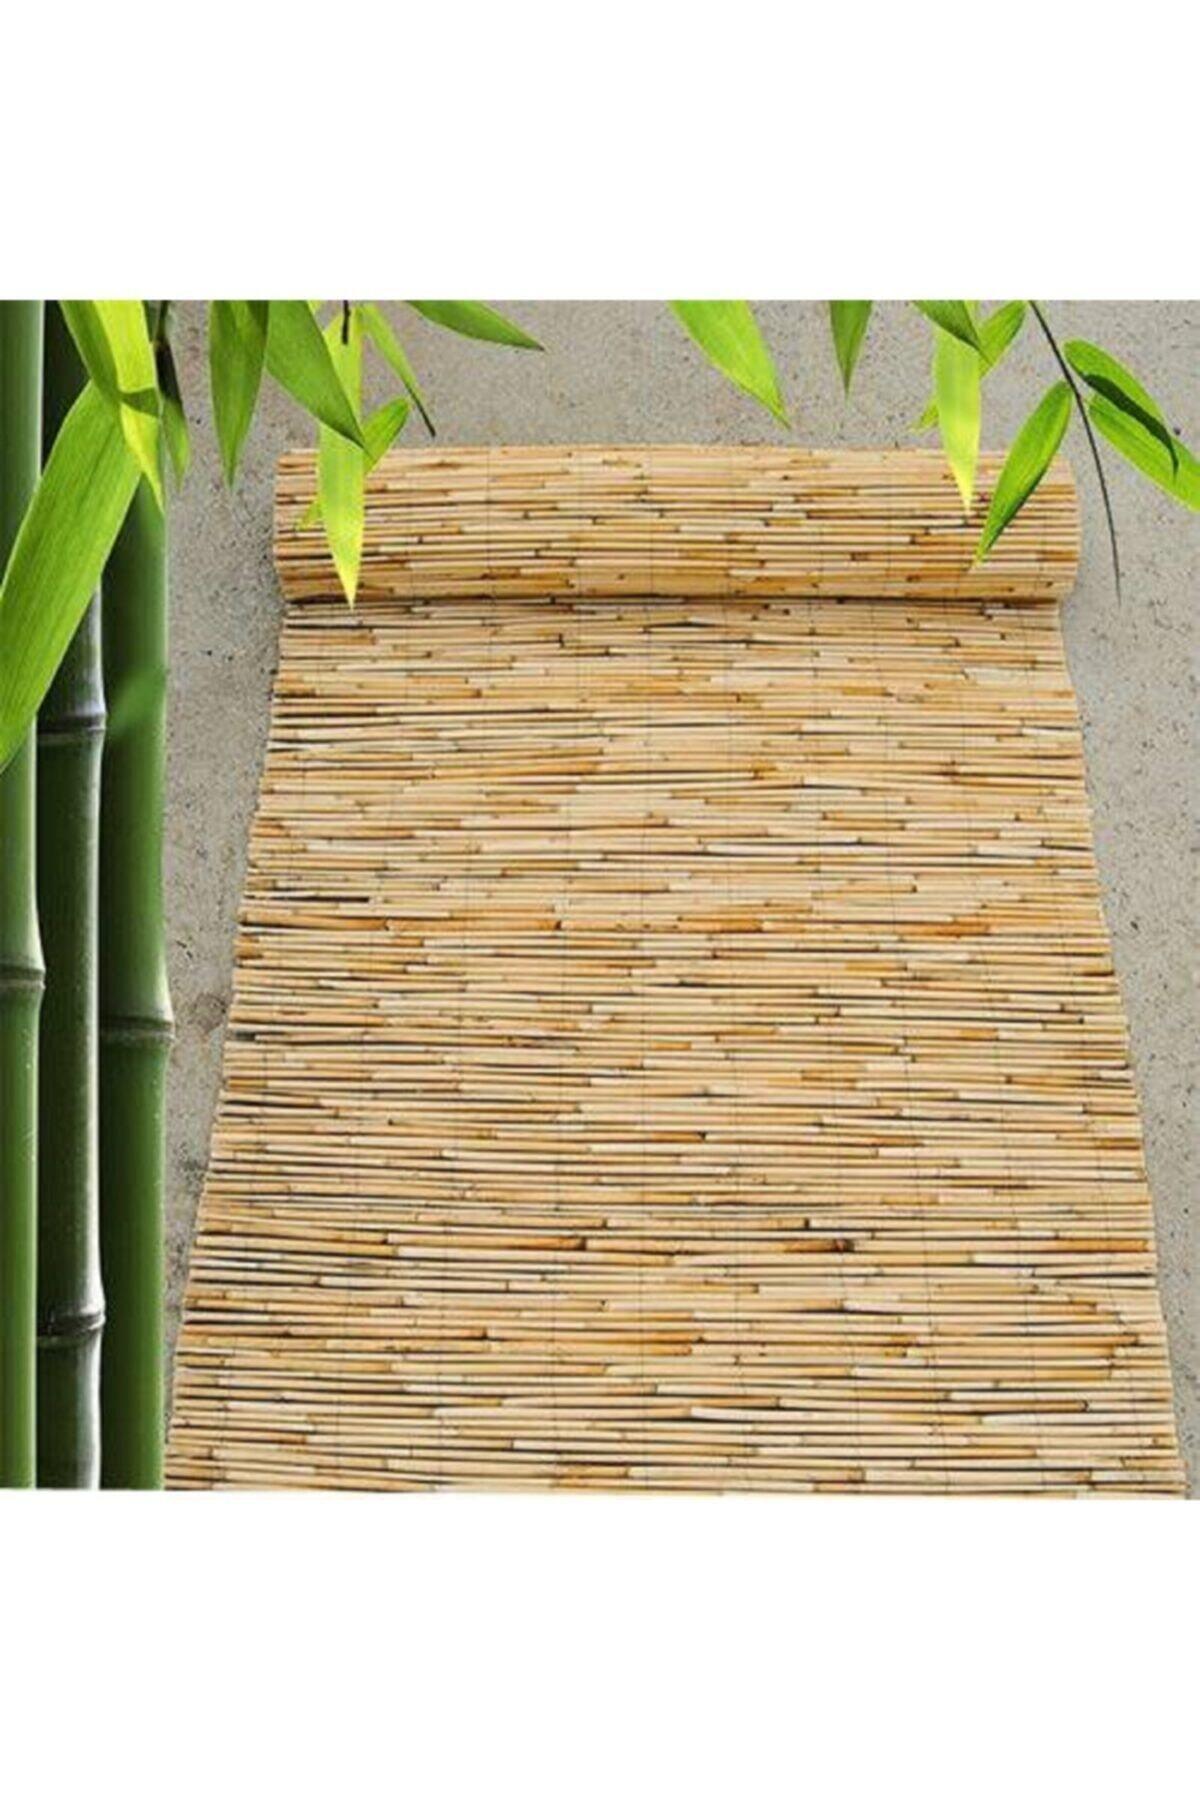 Doğal Kamış Hasır Çit  Doğal Bambu Misine Iplik Makine Örgüsü 80cm X 4.5m